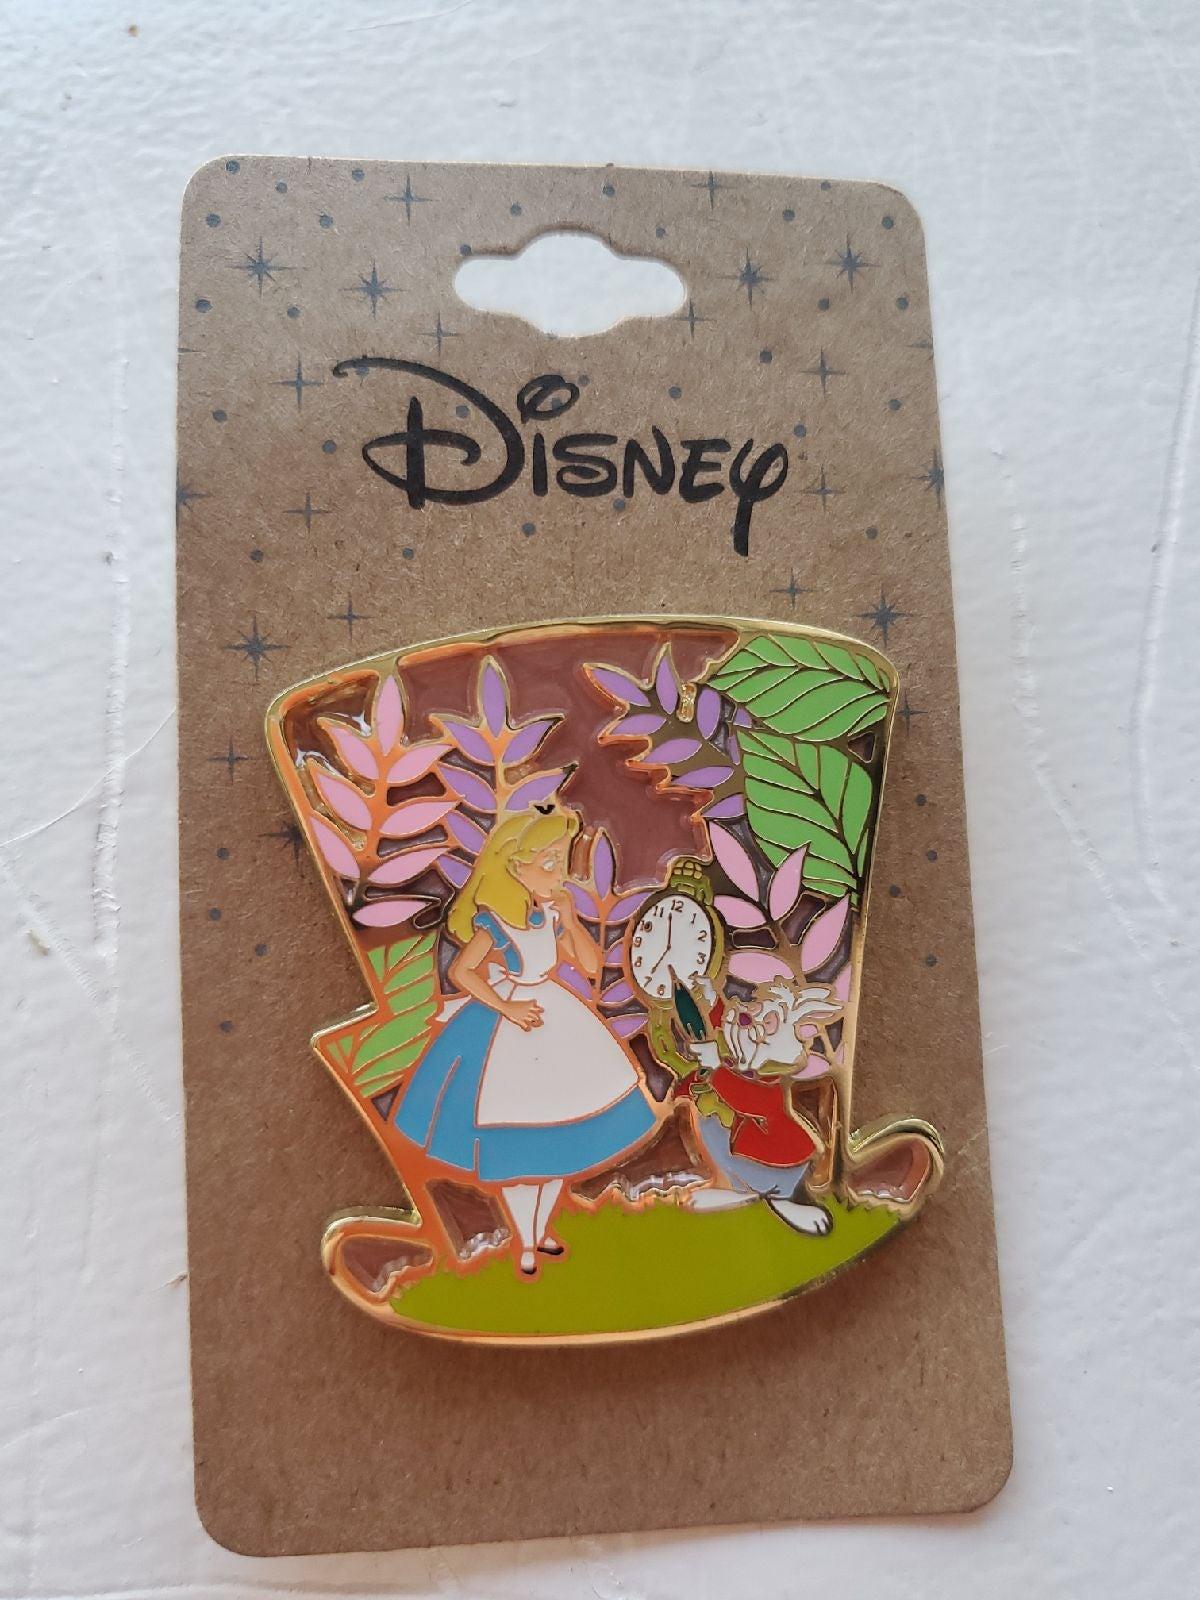 Disney Alice in wonderland pin